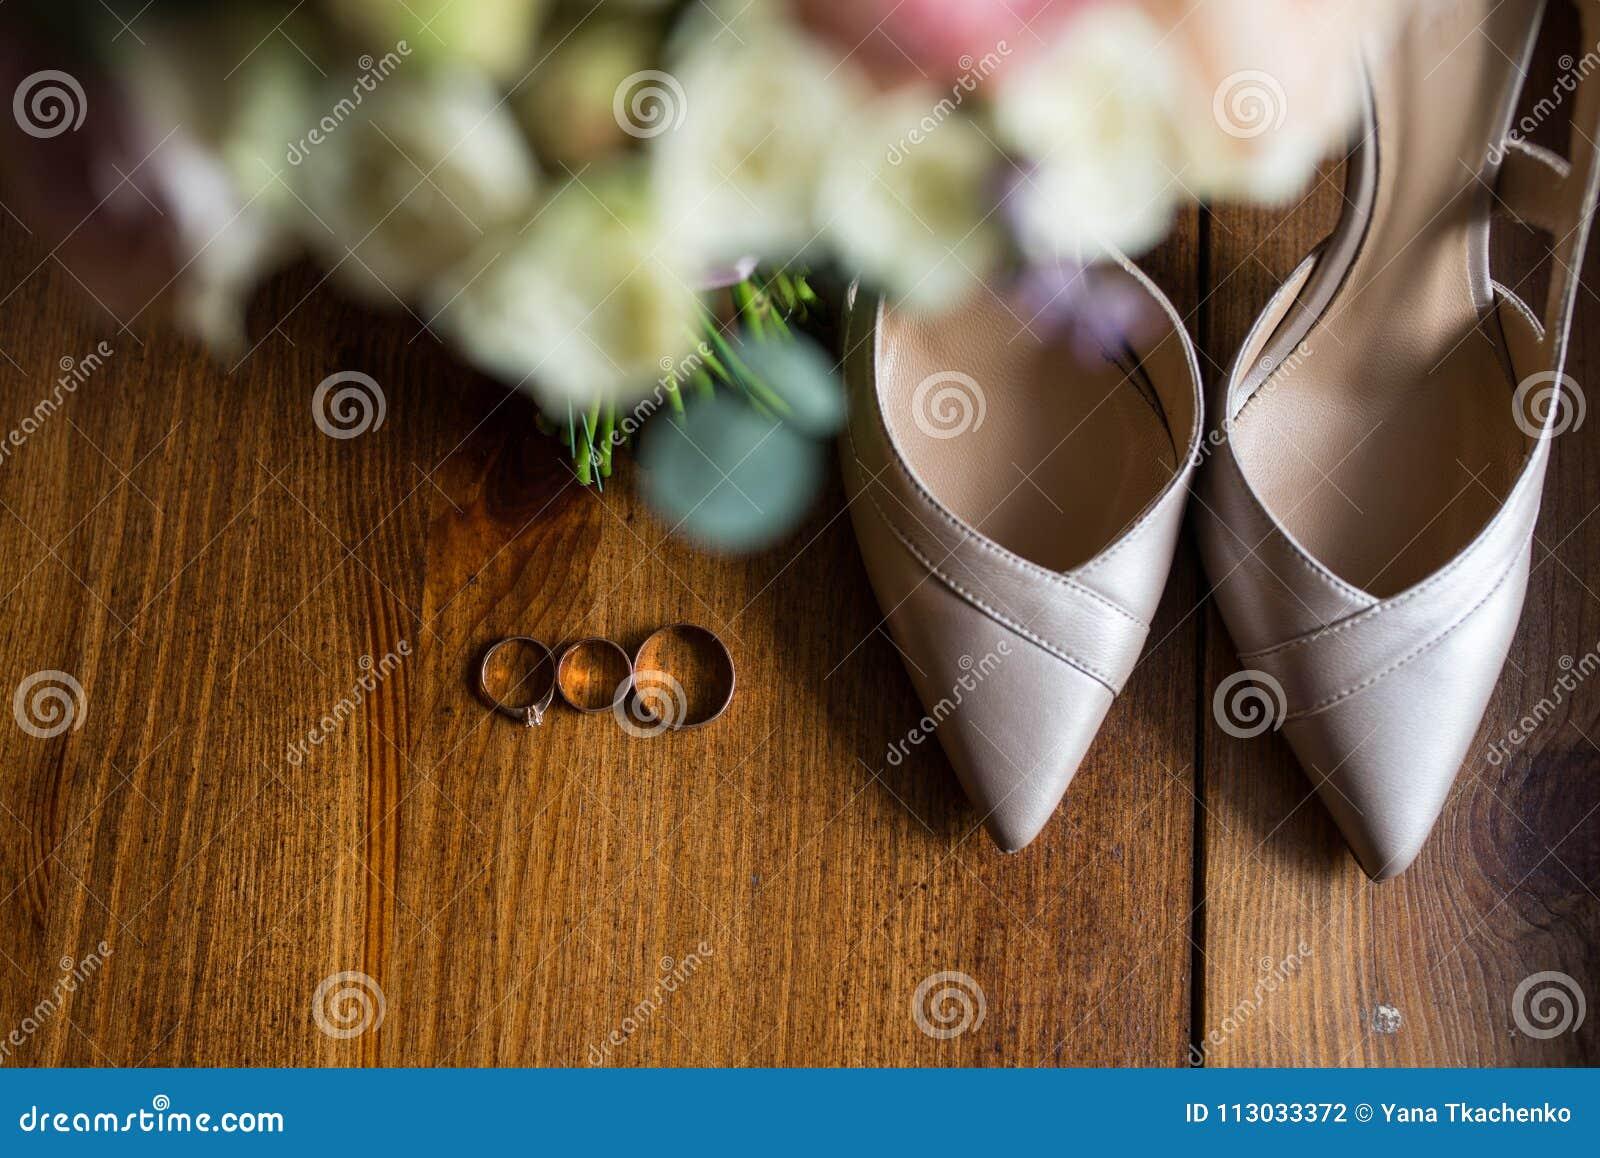 Anillos de bodas de oro, anillos de compromiso y zapatos beige nupciales en fondo marrón accesorios